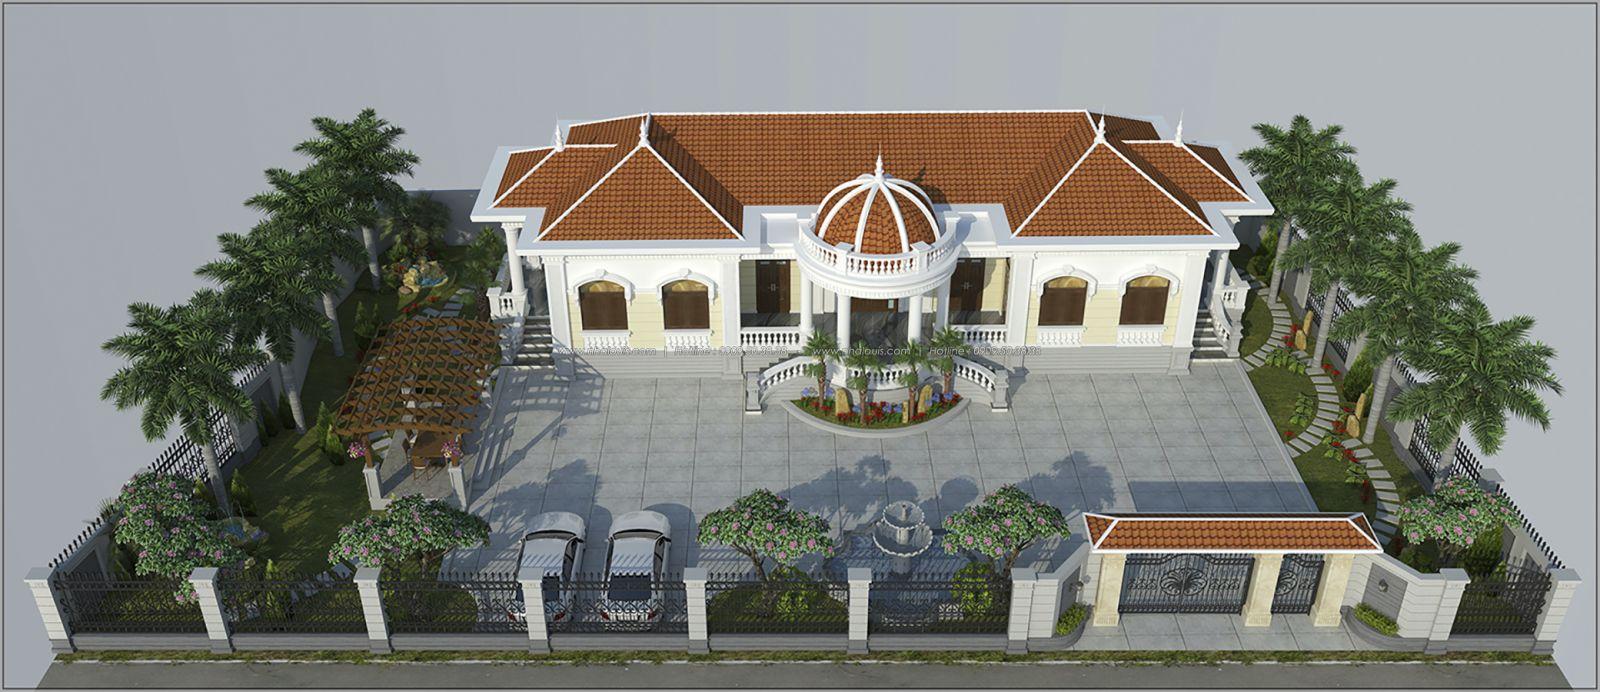 Thiết kế xây dựng nhà đẹp cần phải có những tiêu chí gì?